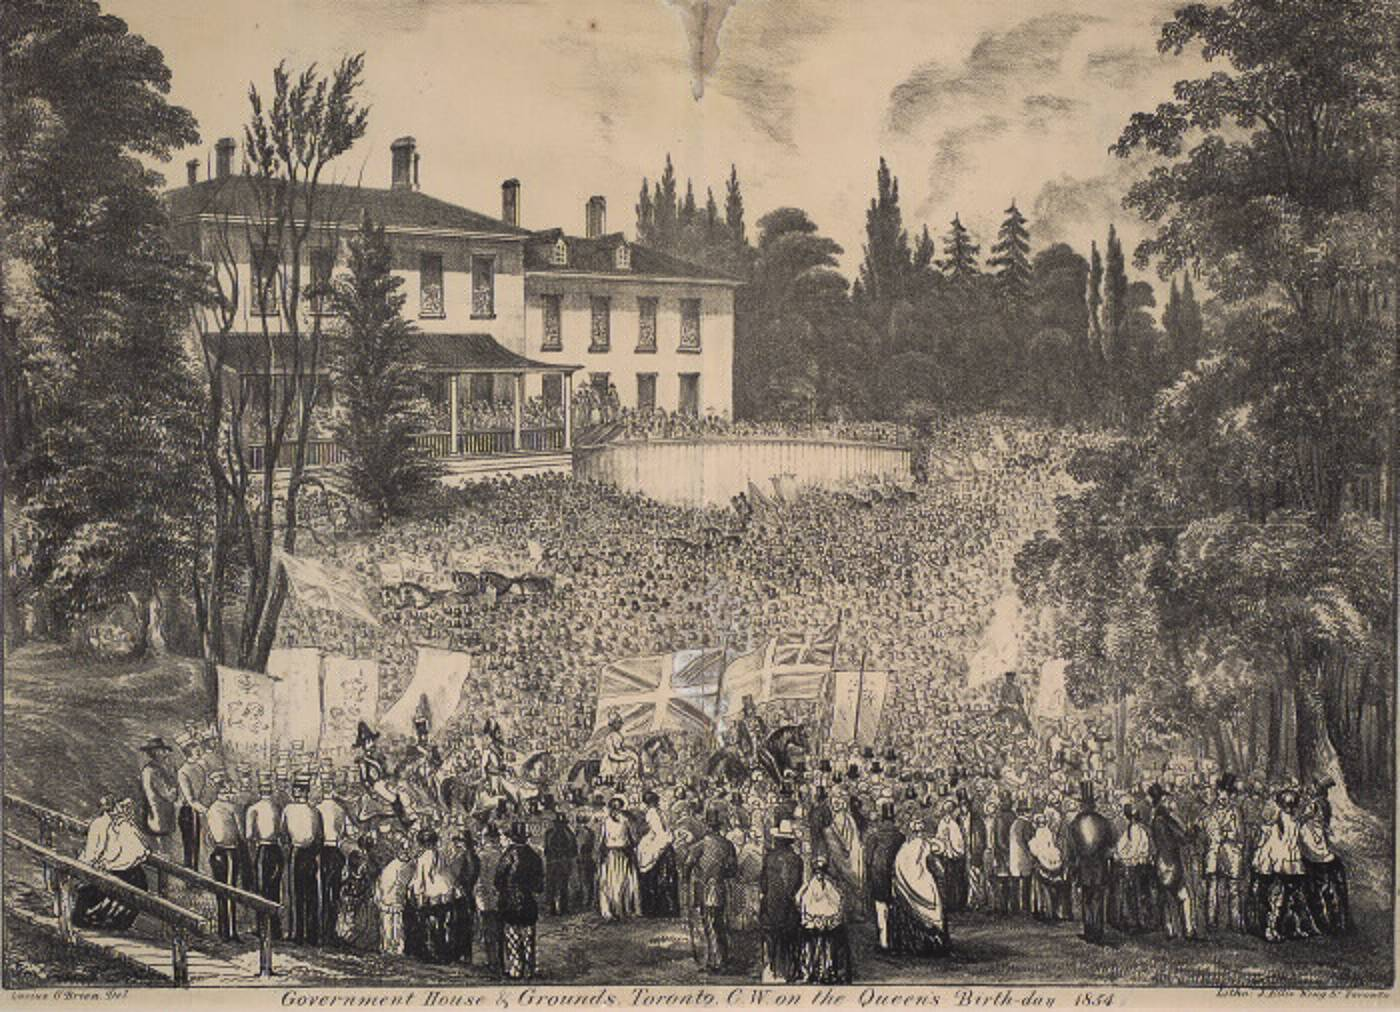 victoria day history